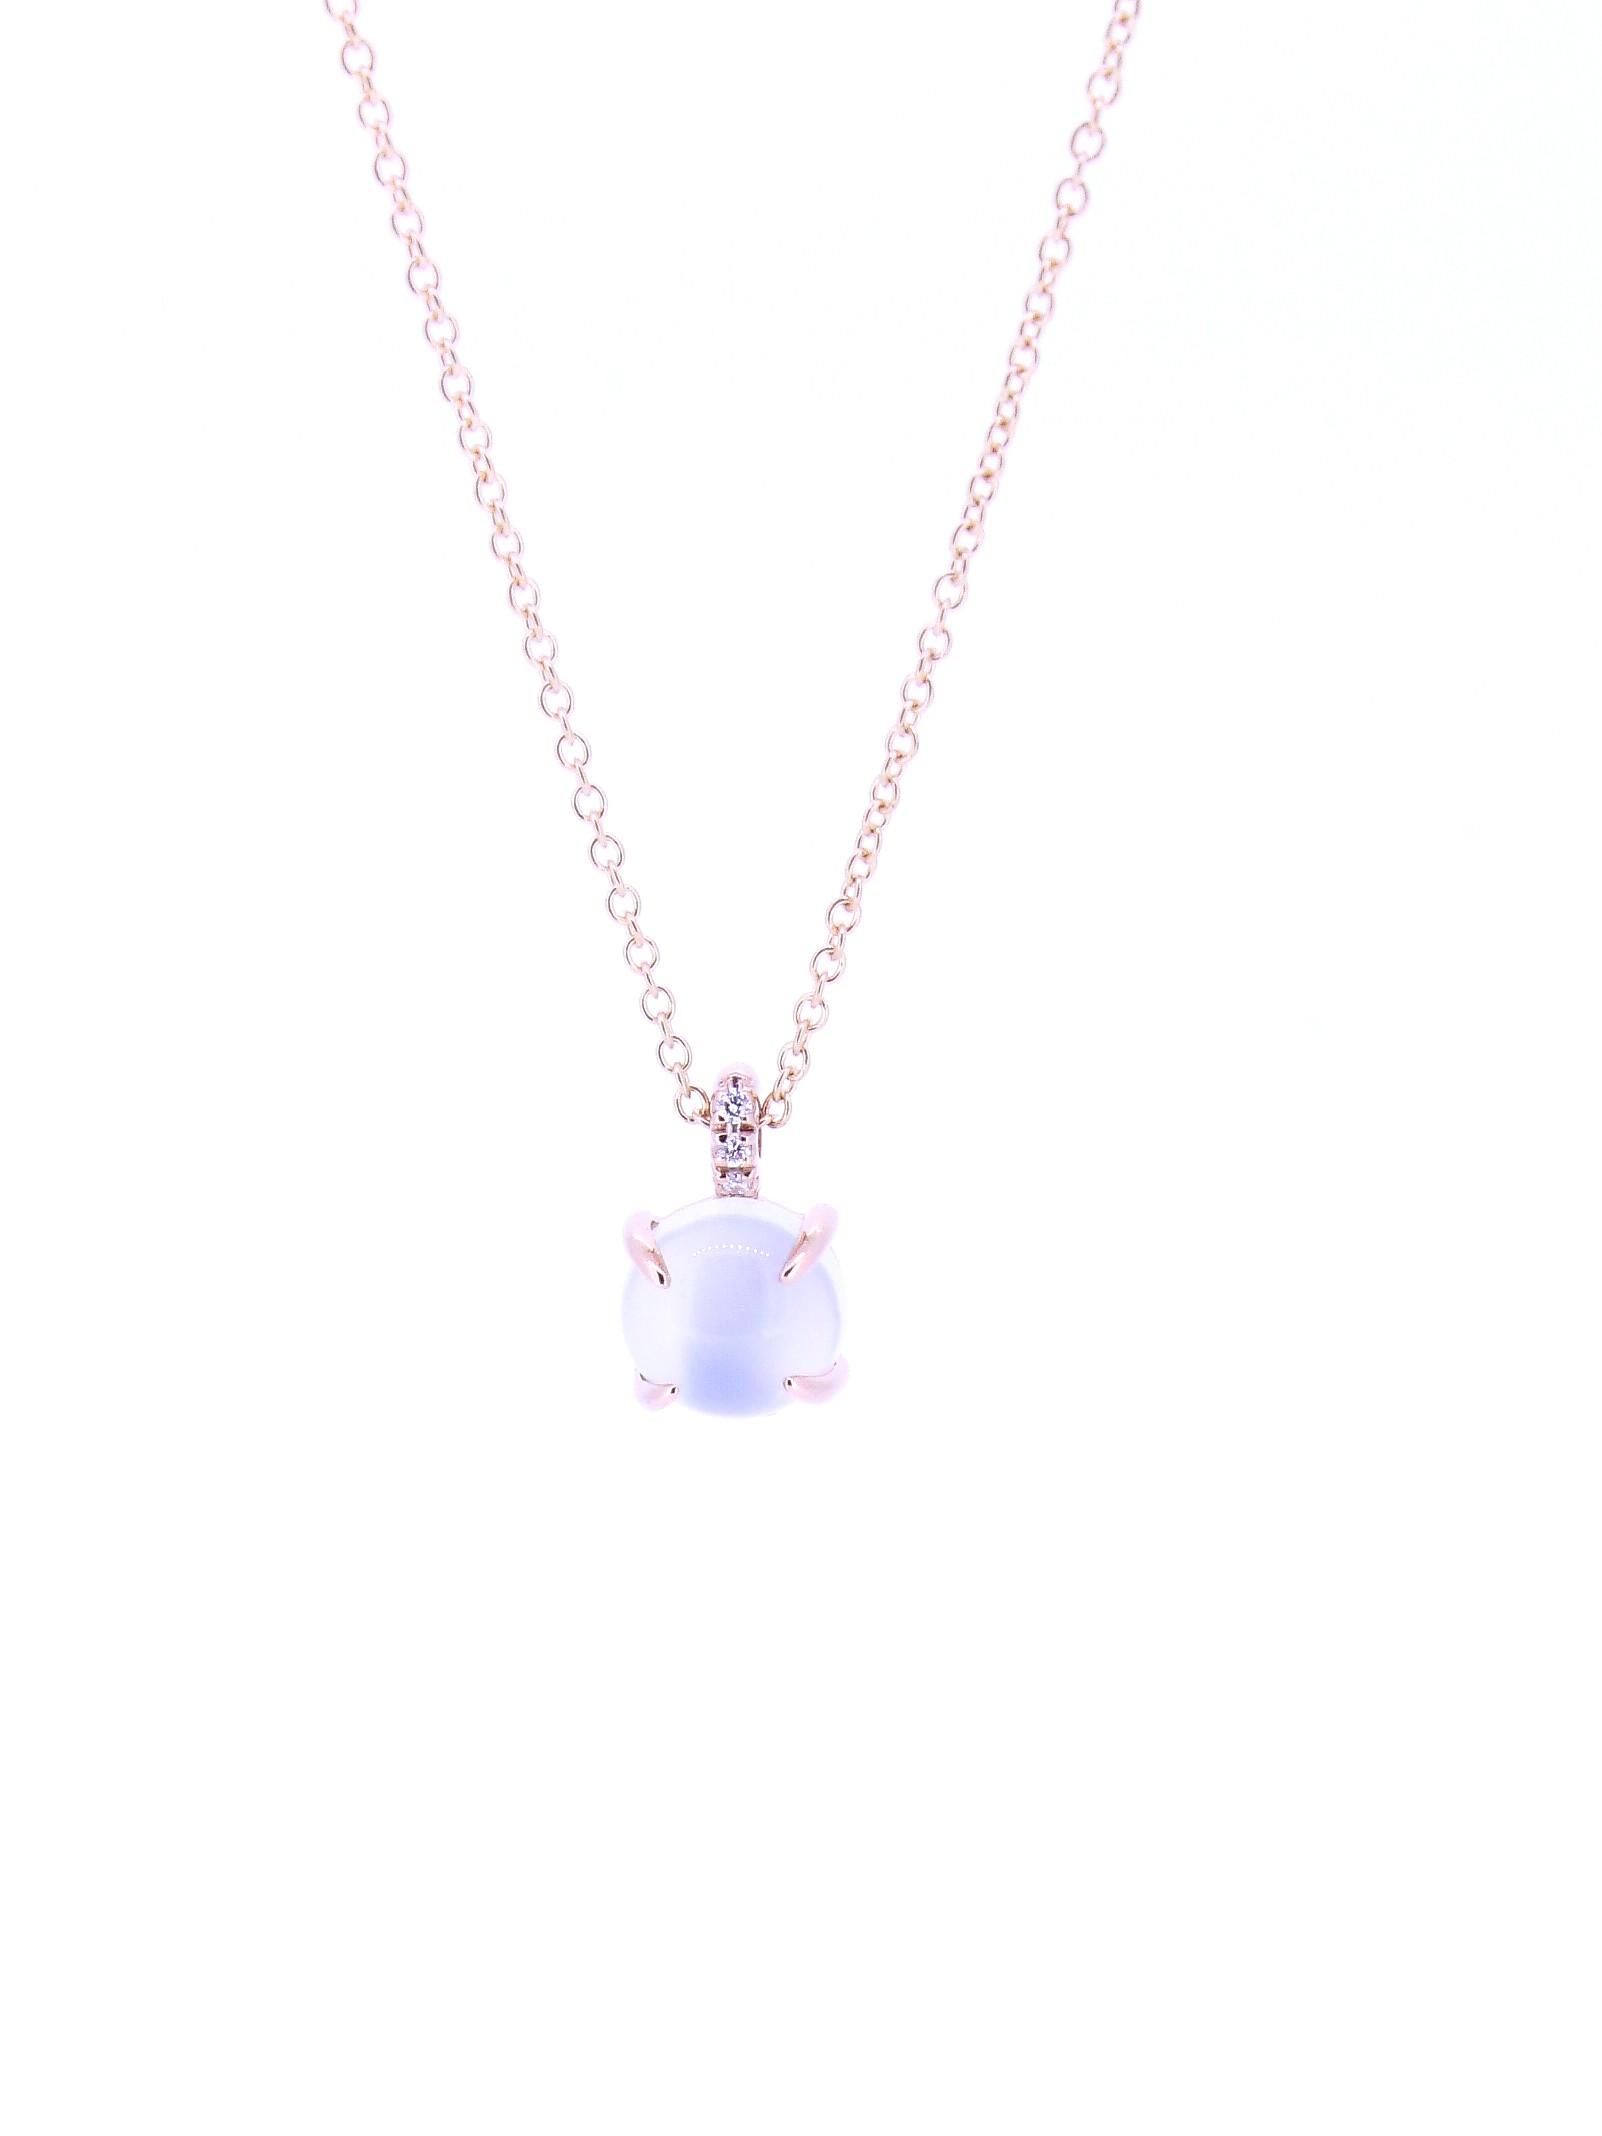 Kette Candy Baby Mondstein - GalerieVoigt - FC1779R04001